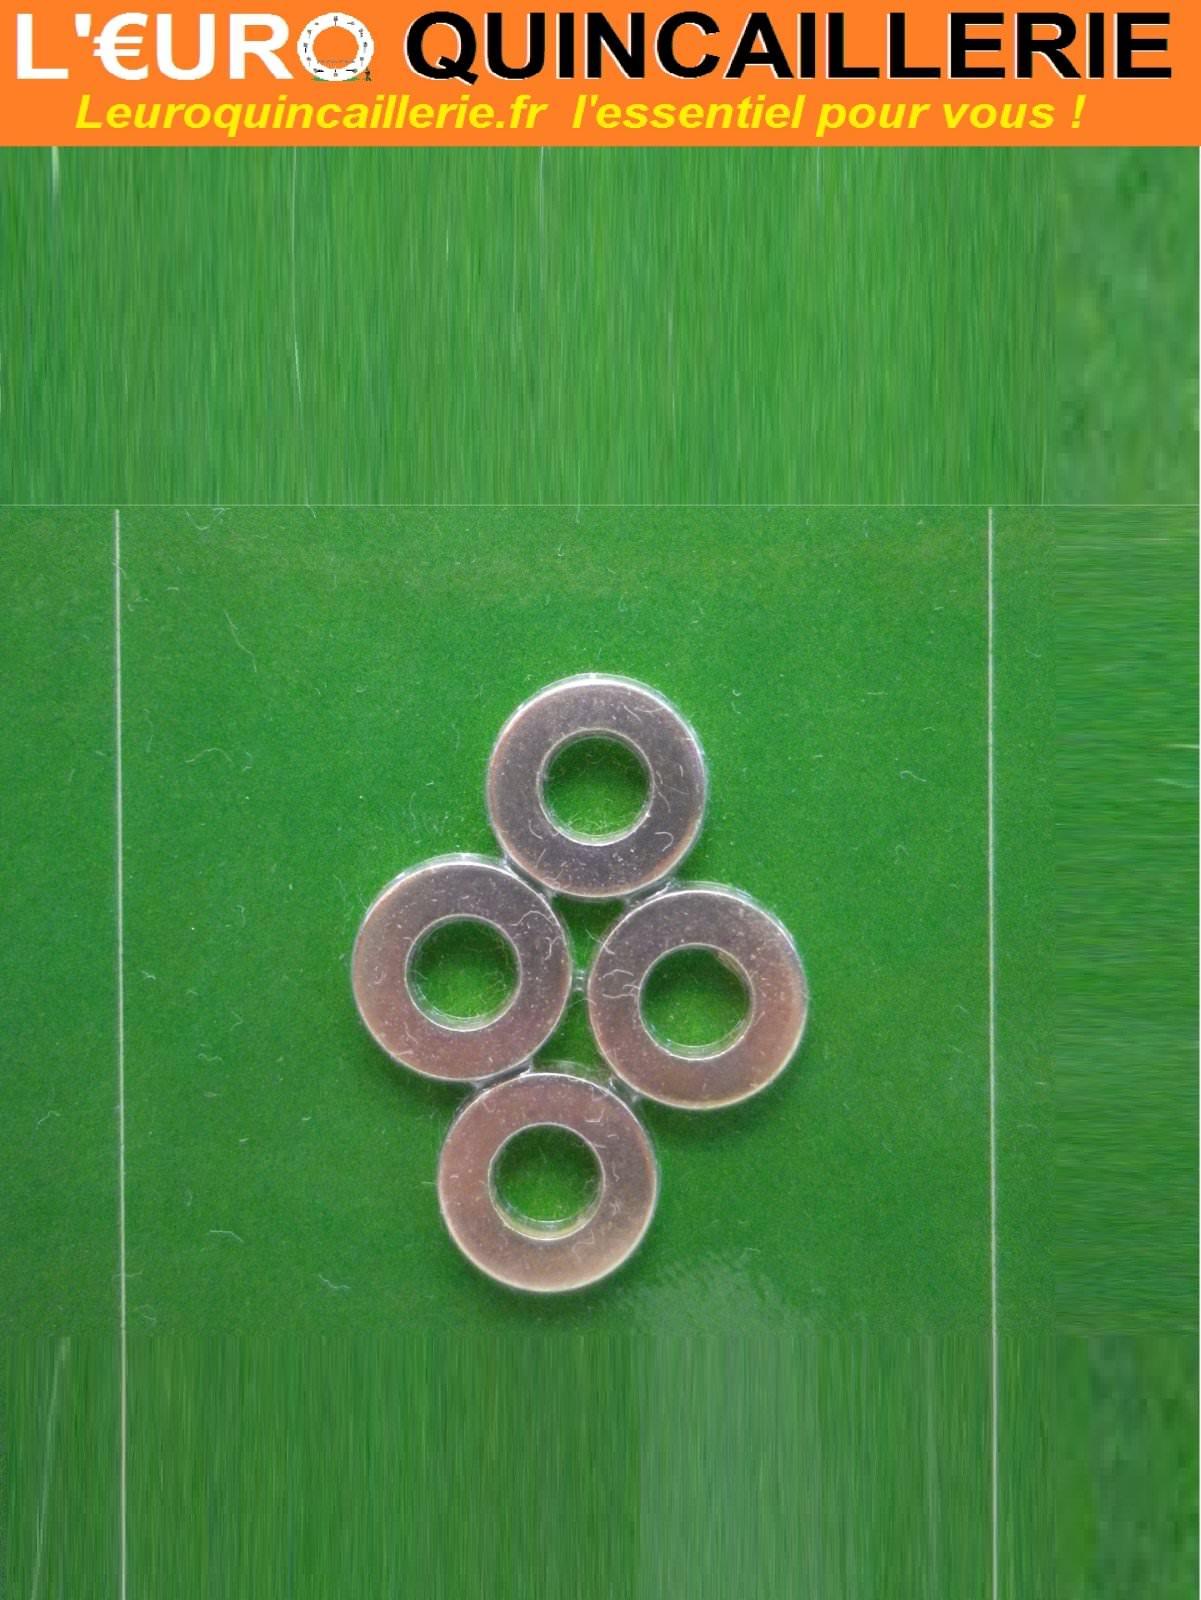 4 Bagues de paumelle laiton 7mm